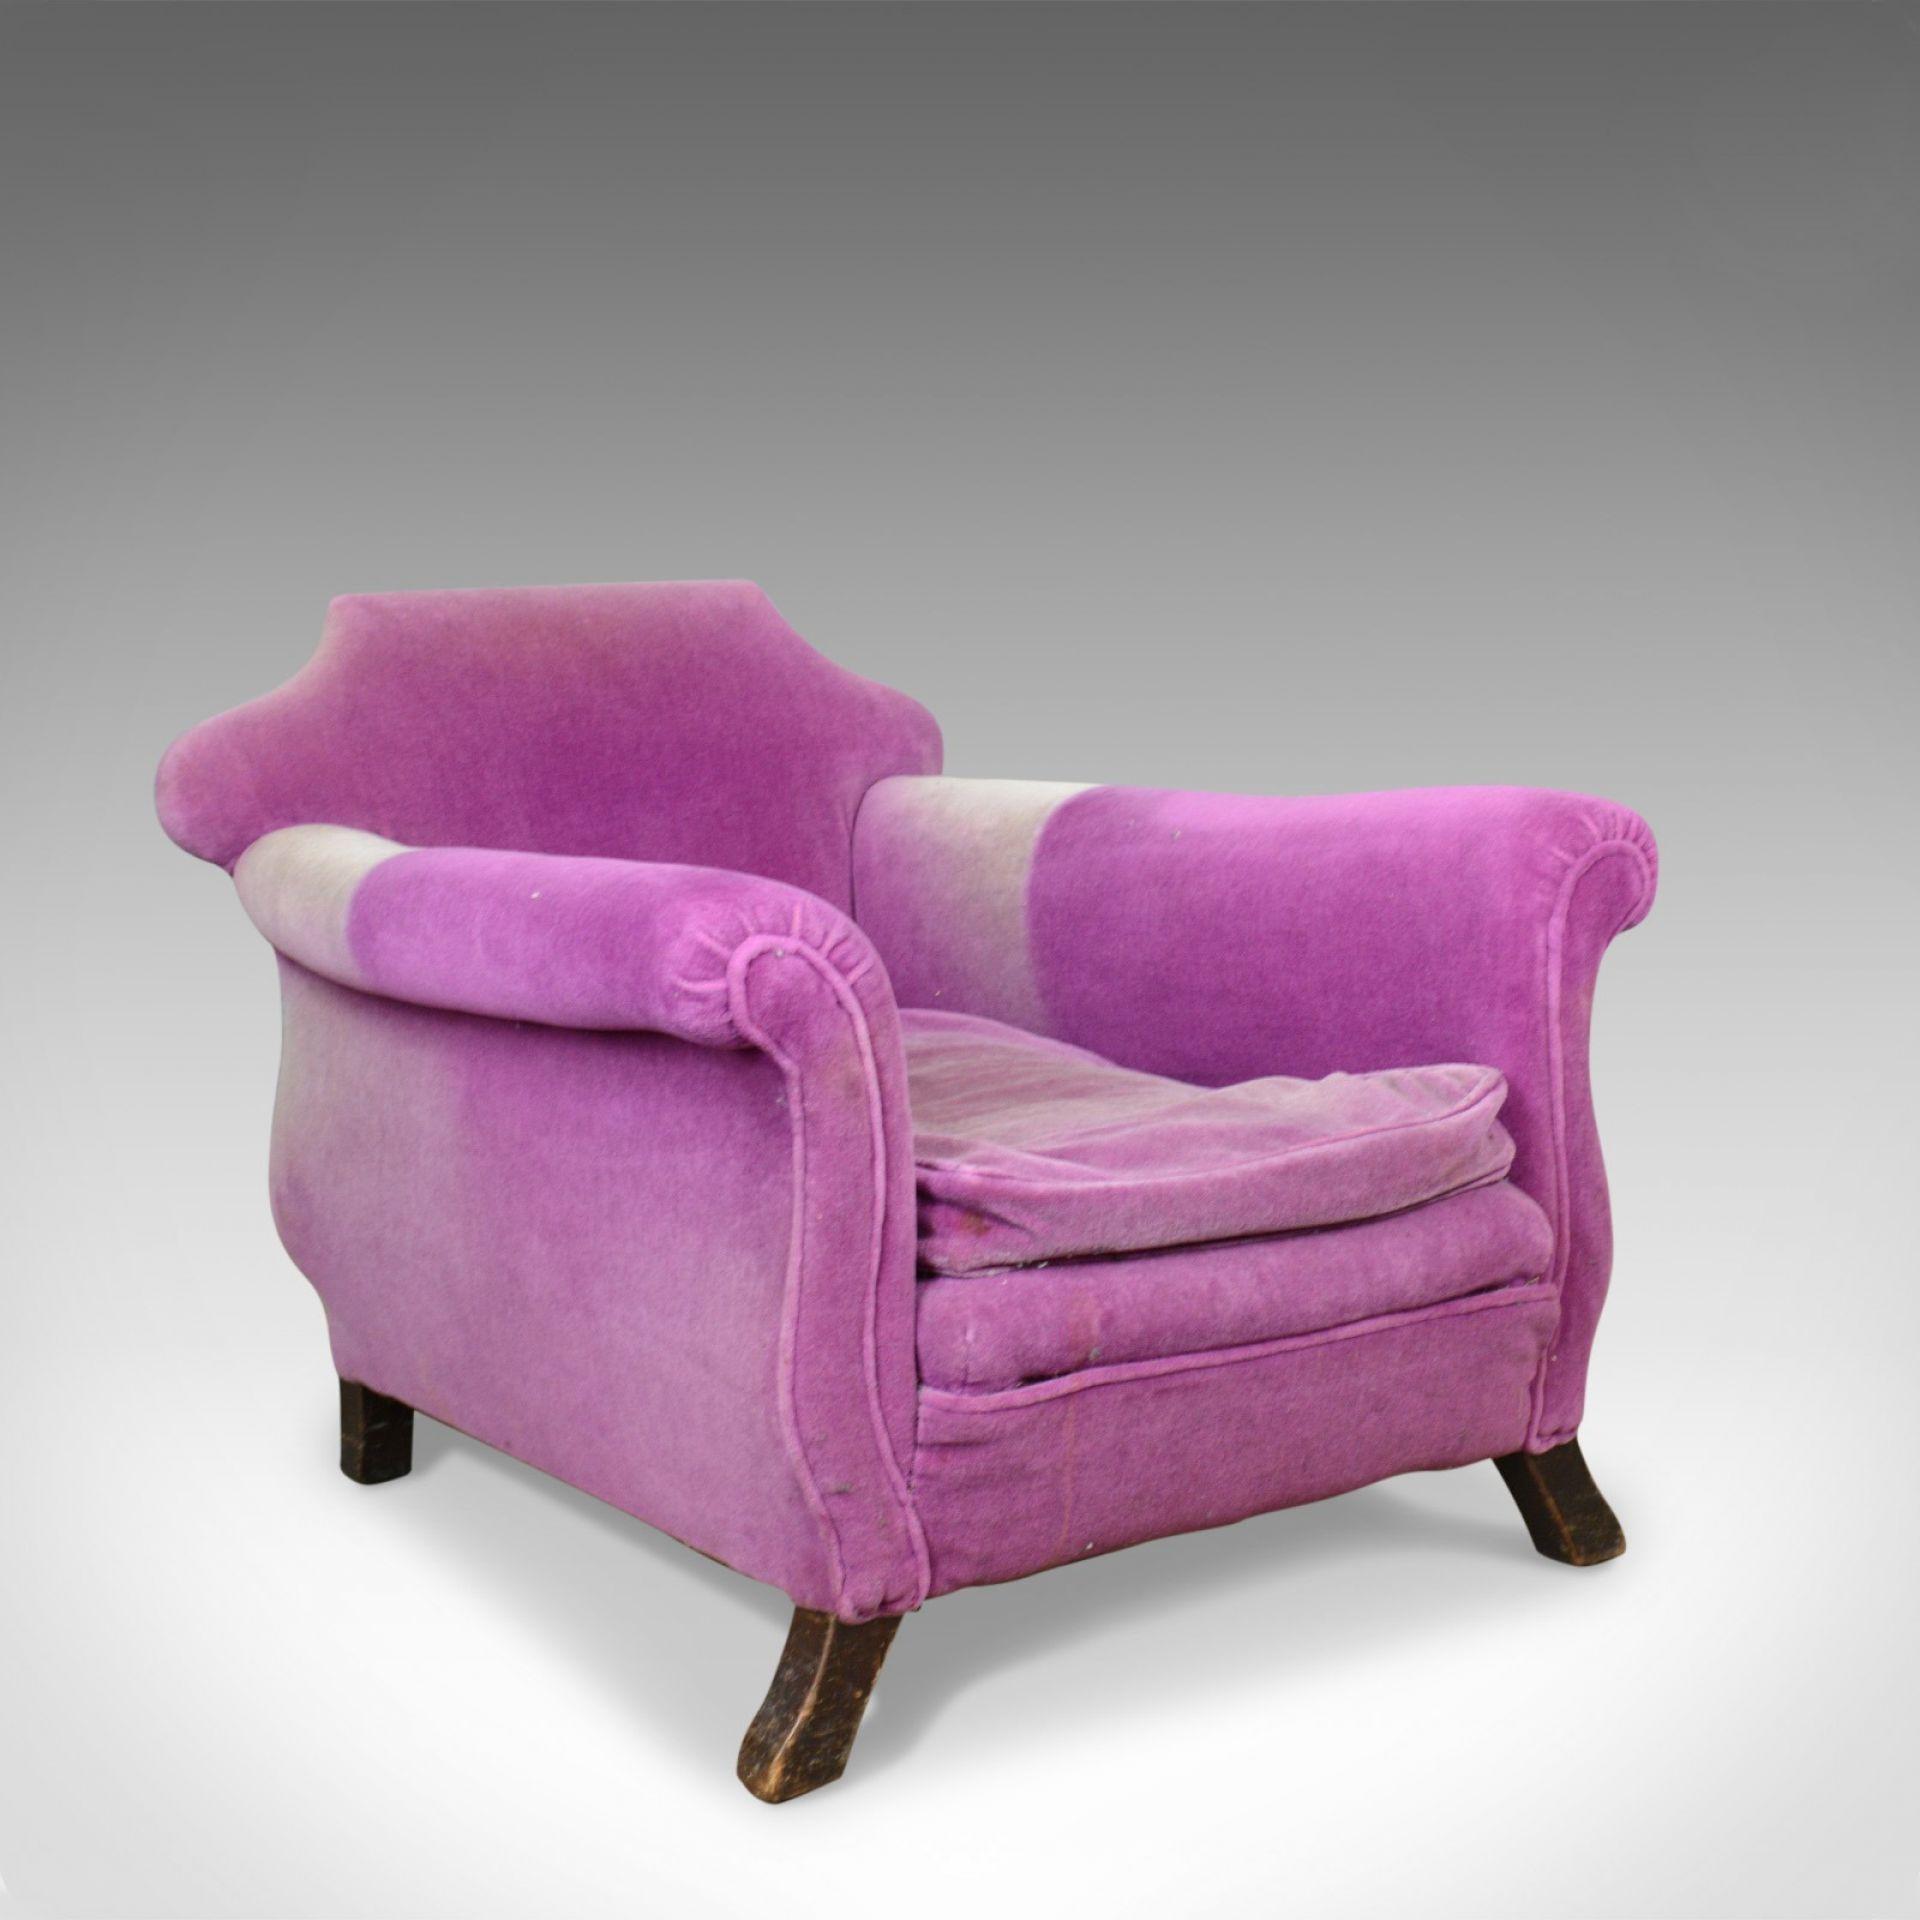 Very Deep Antique Armchair, English, Edwardian, Club Chair, Circa 1910